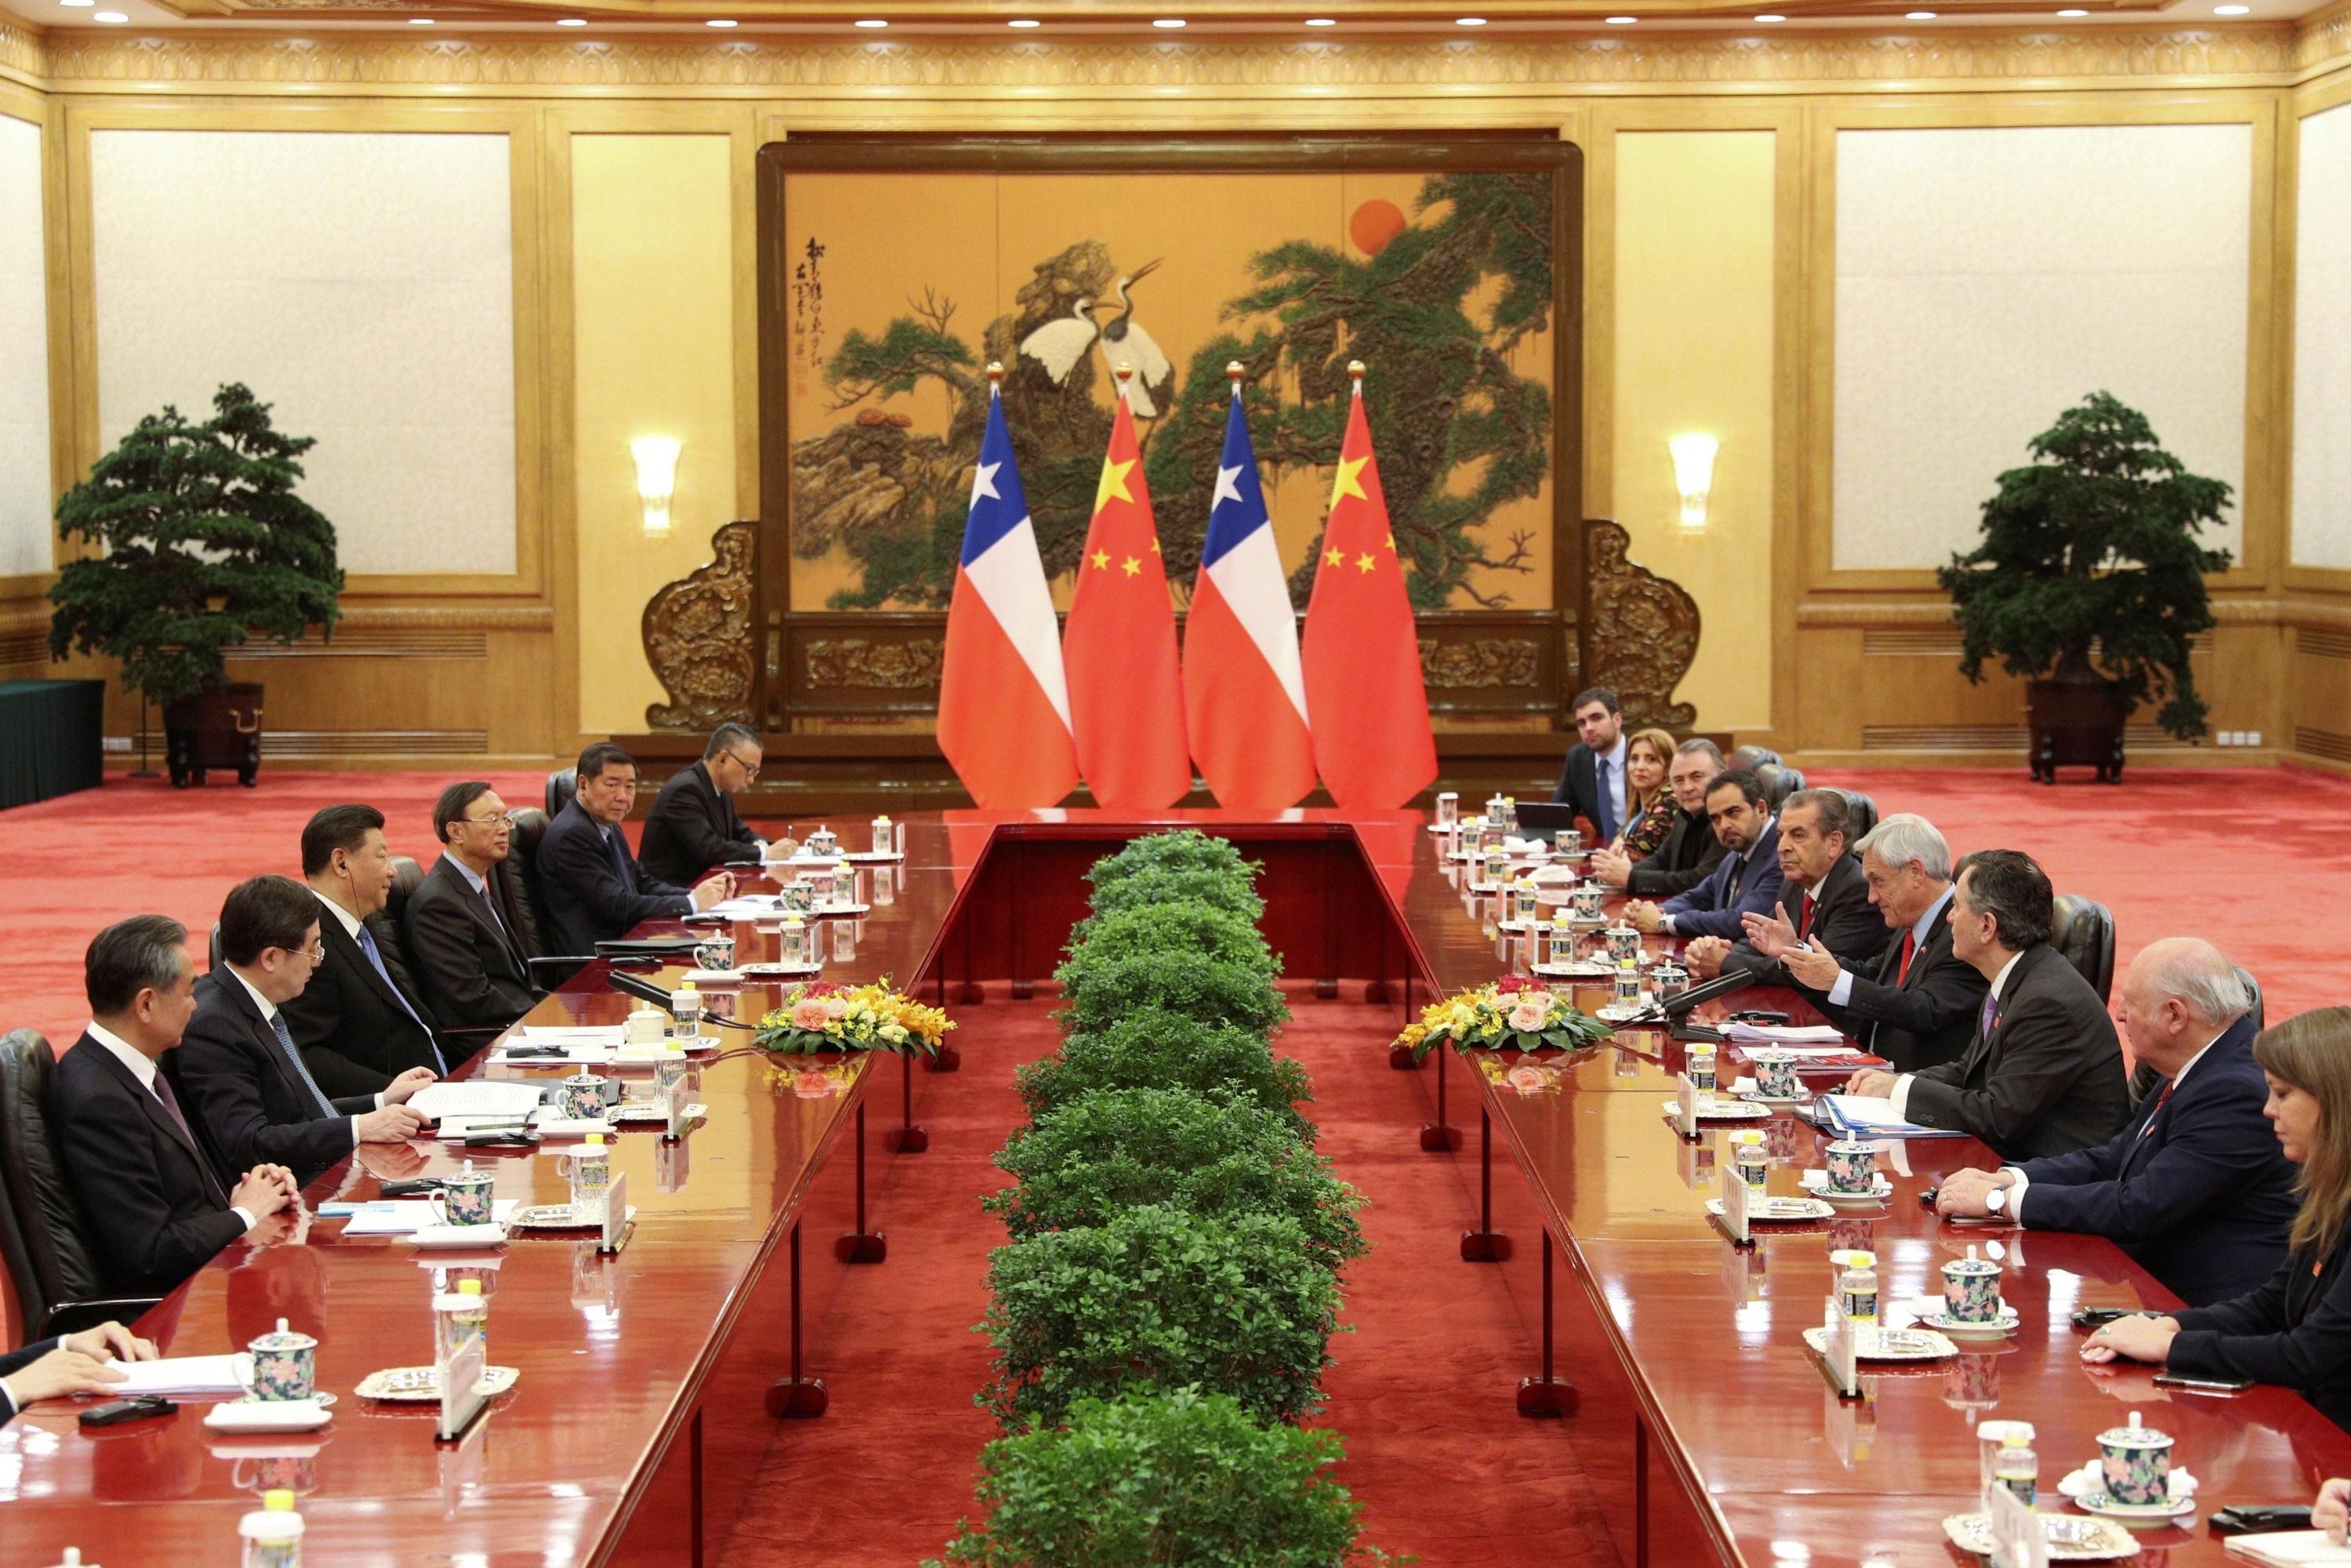 El presidente chileno, Sebastián Piñera, conversa con su homólogo chino, Xi Jinping, durante una reunión celebrada en el Gran Palacio del Pueblo. (Foto: EFE)